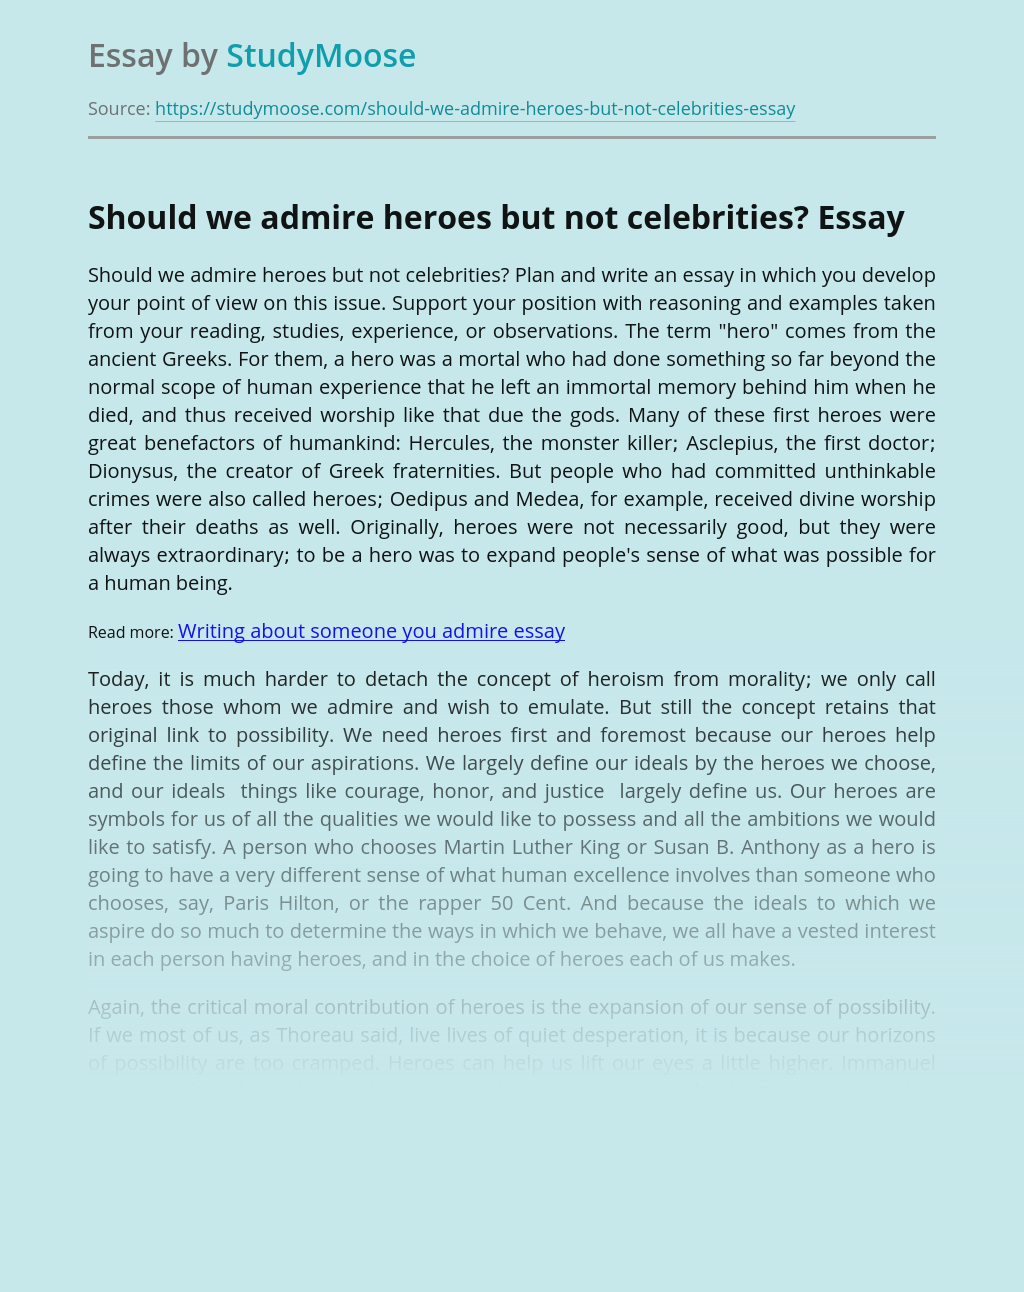 Should we admire heroes but not celebrities?